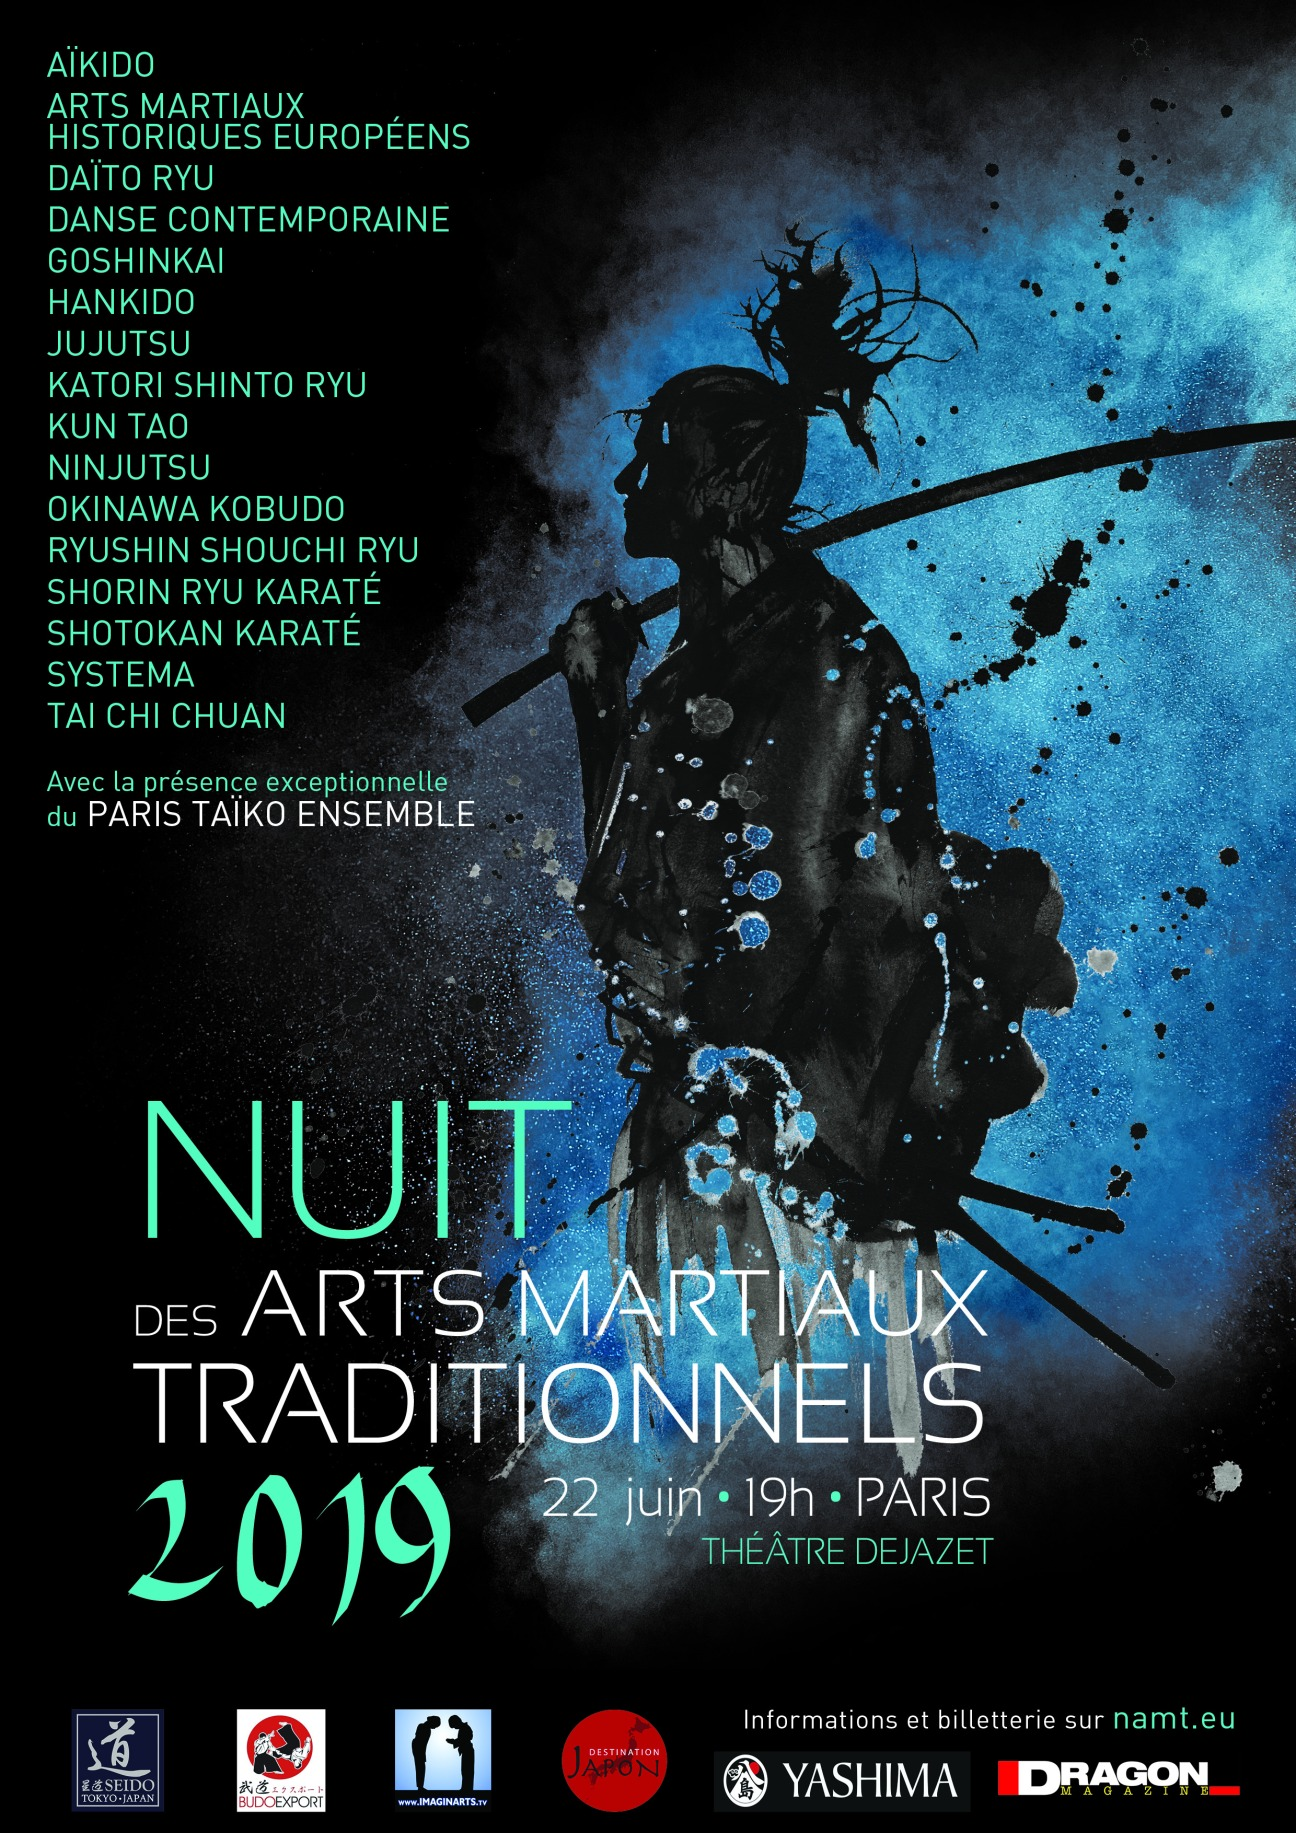 2019 06 22 NUIT DES ARTS MARTIAUX TRADITIONNELS PARIS NAMT